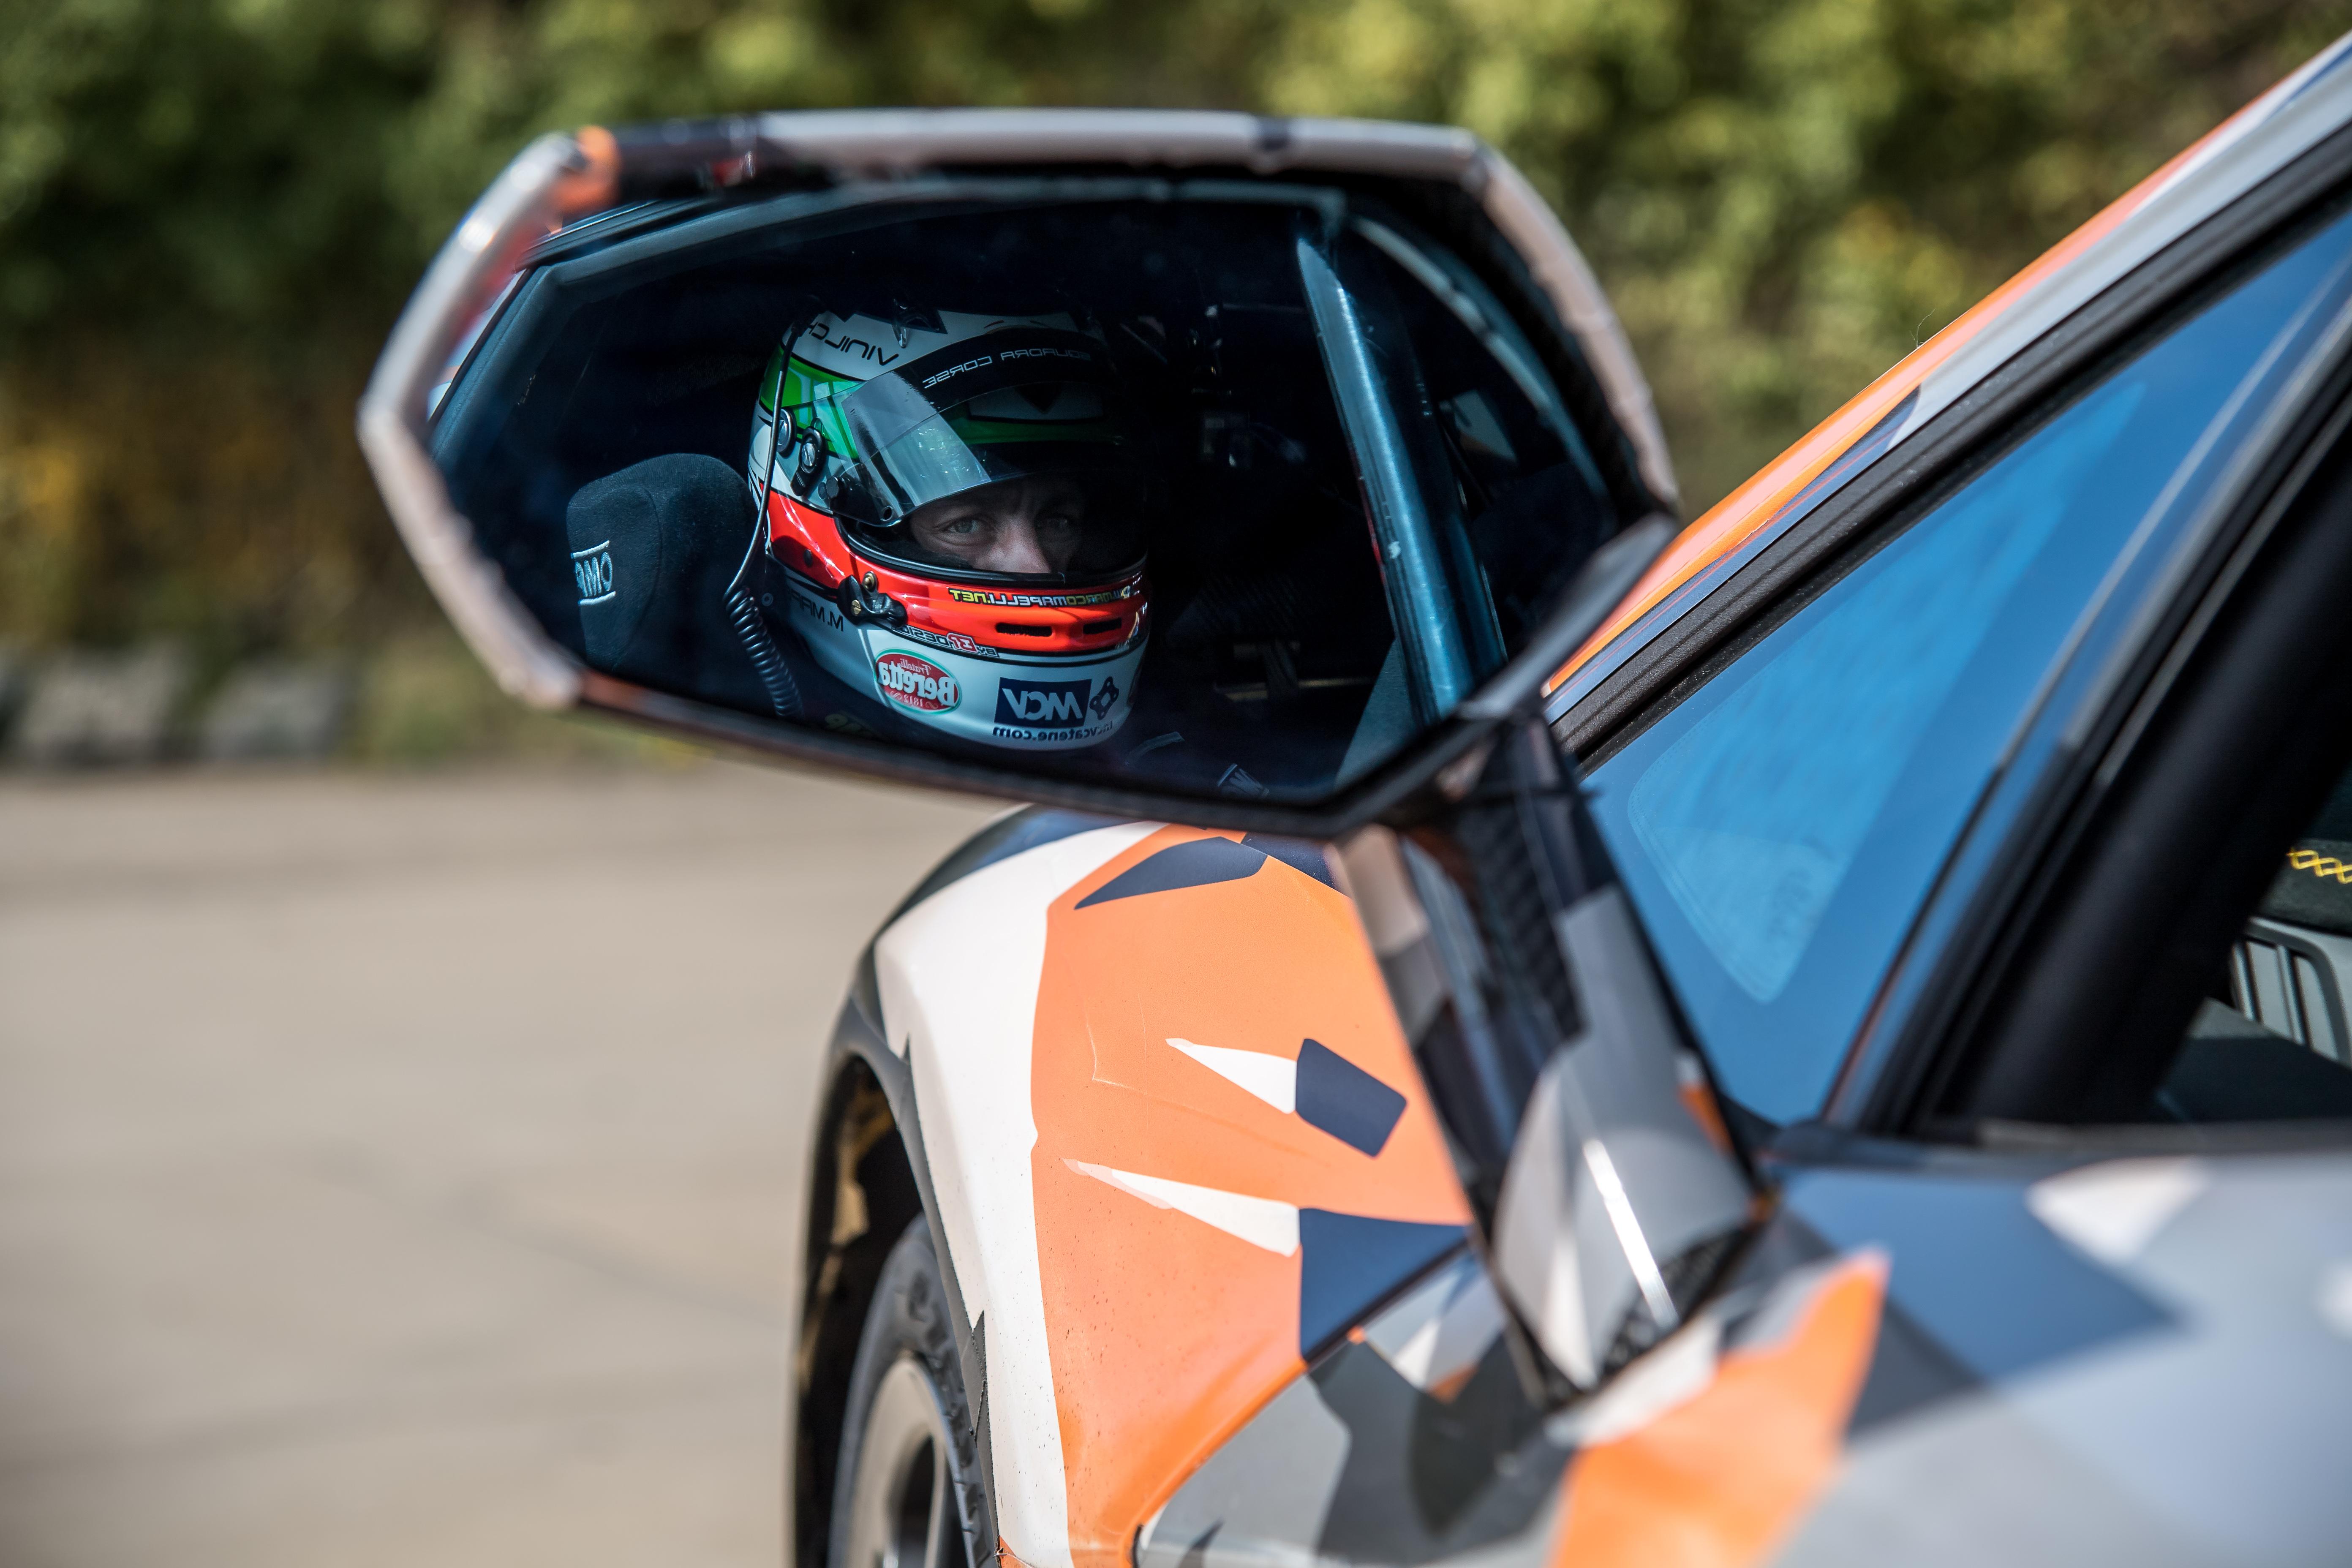 Lamborghini Aventador Svj Sets New N 252 Rburgring Record 6 Minutes 44 97 Seconds Beats The Gt2 Rs